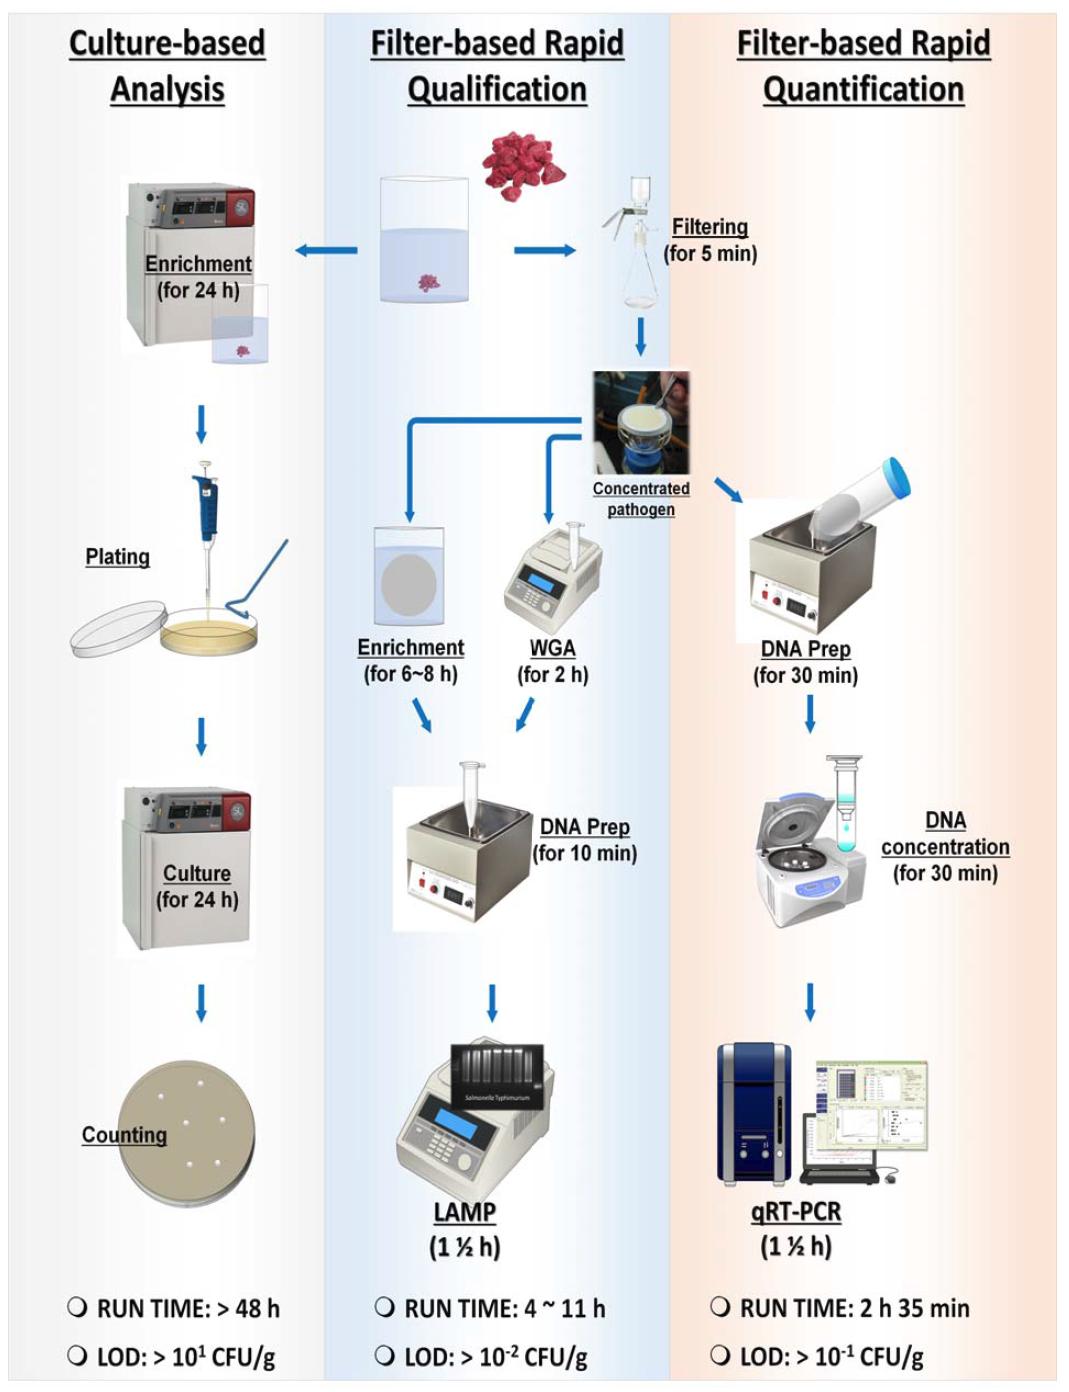 기존 배지배양법과 본 연구에서 개발하는 식중독균 검출법의 workflows 및 각 기술의 검출시간과 검출한계